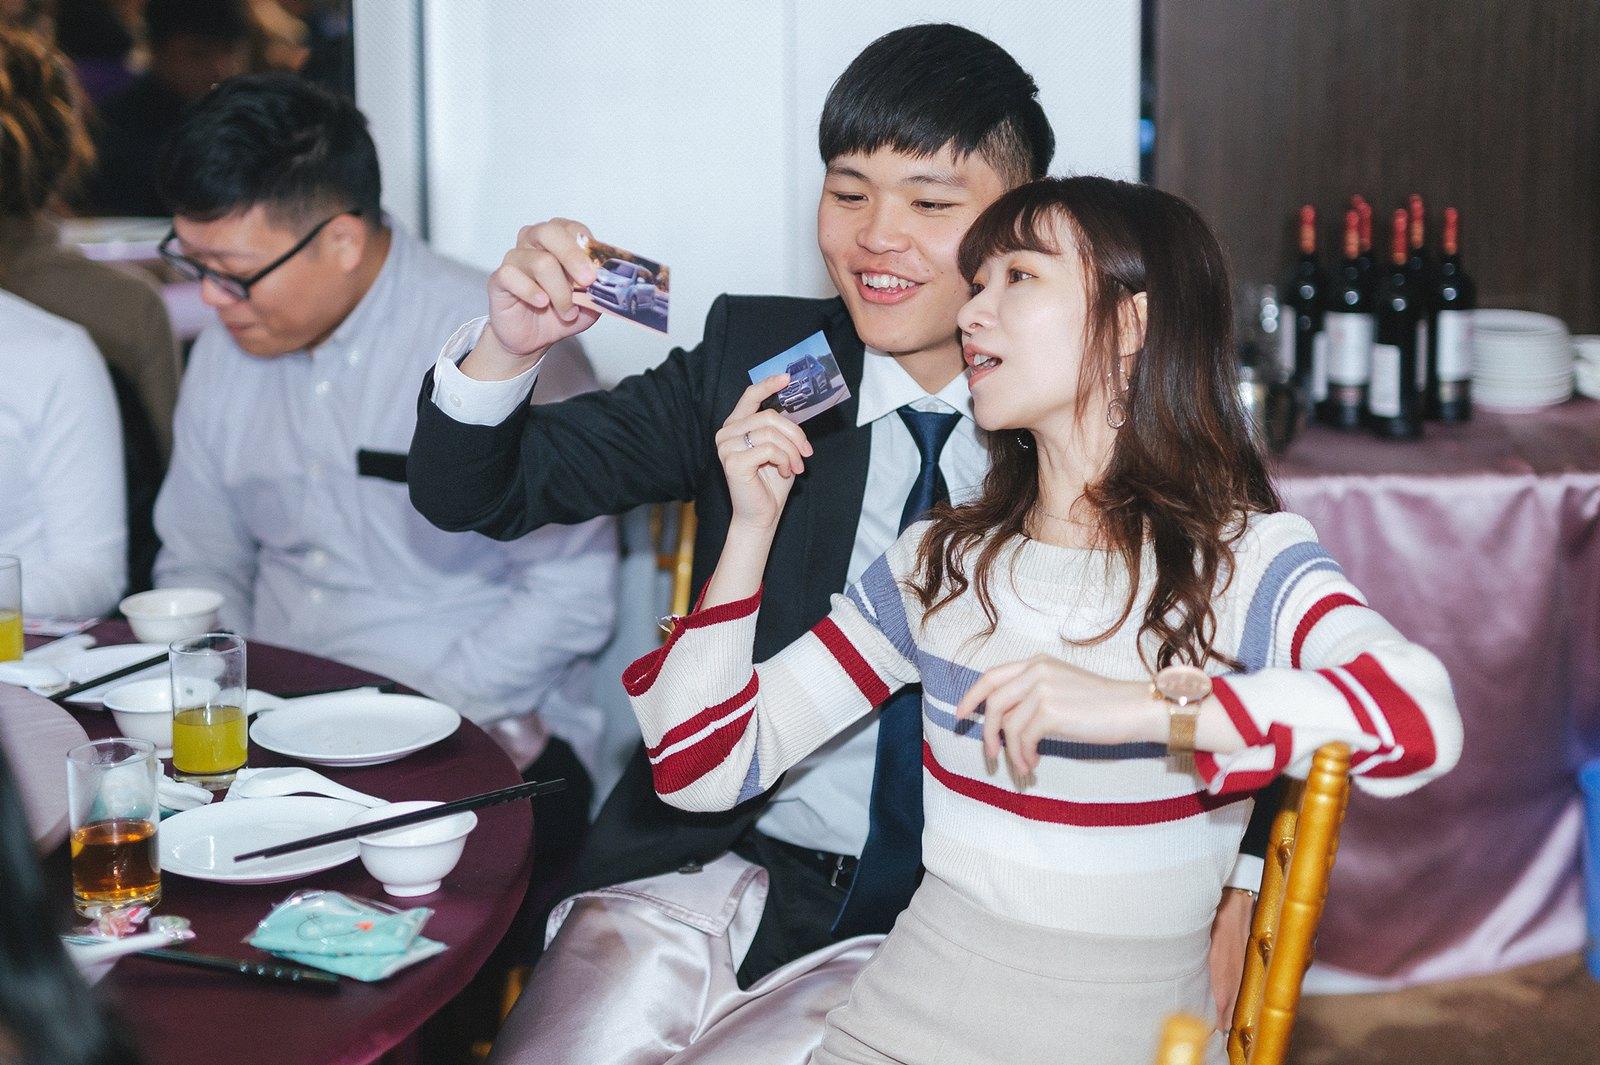 【婚攝】John & Claire / 彭園婚宴會館 - 新板館